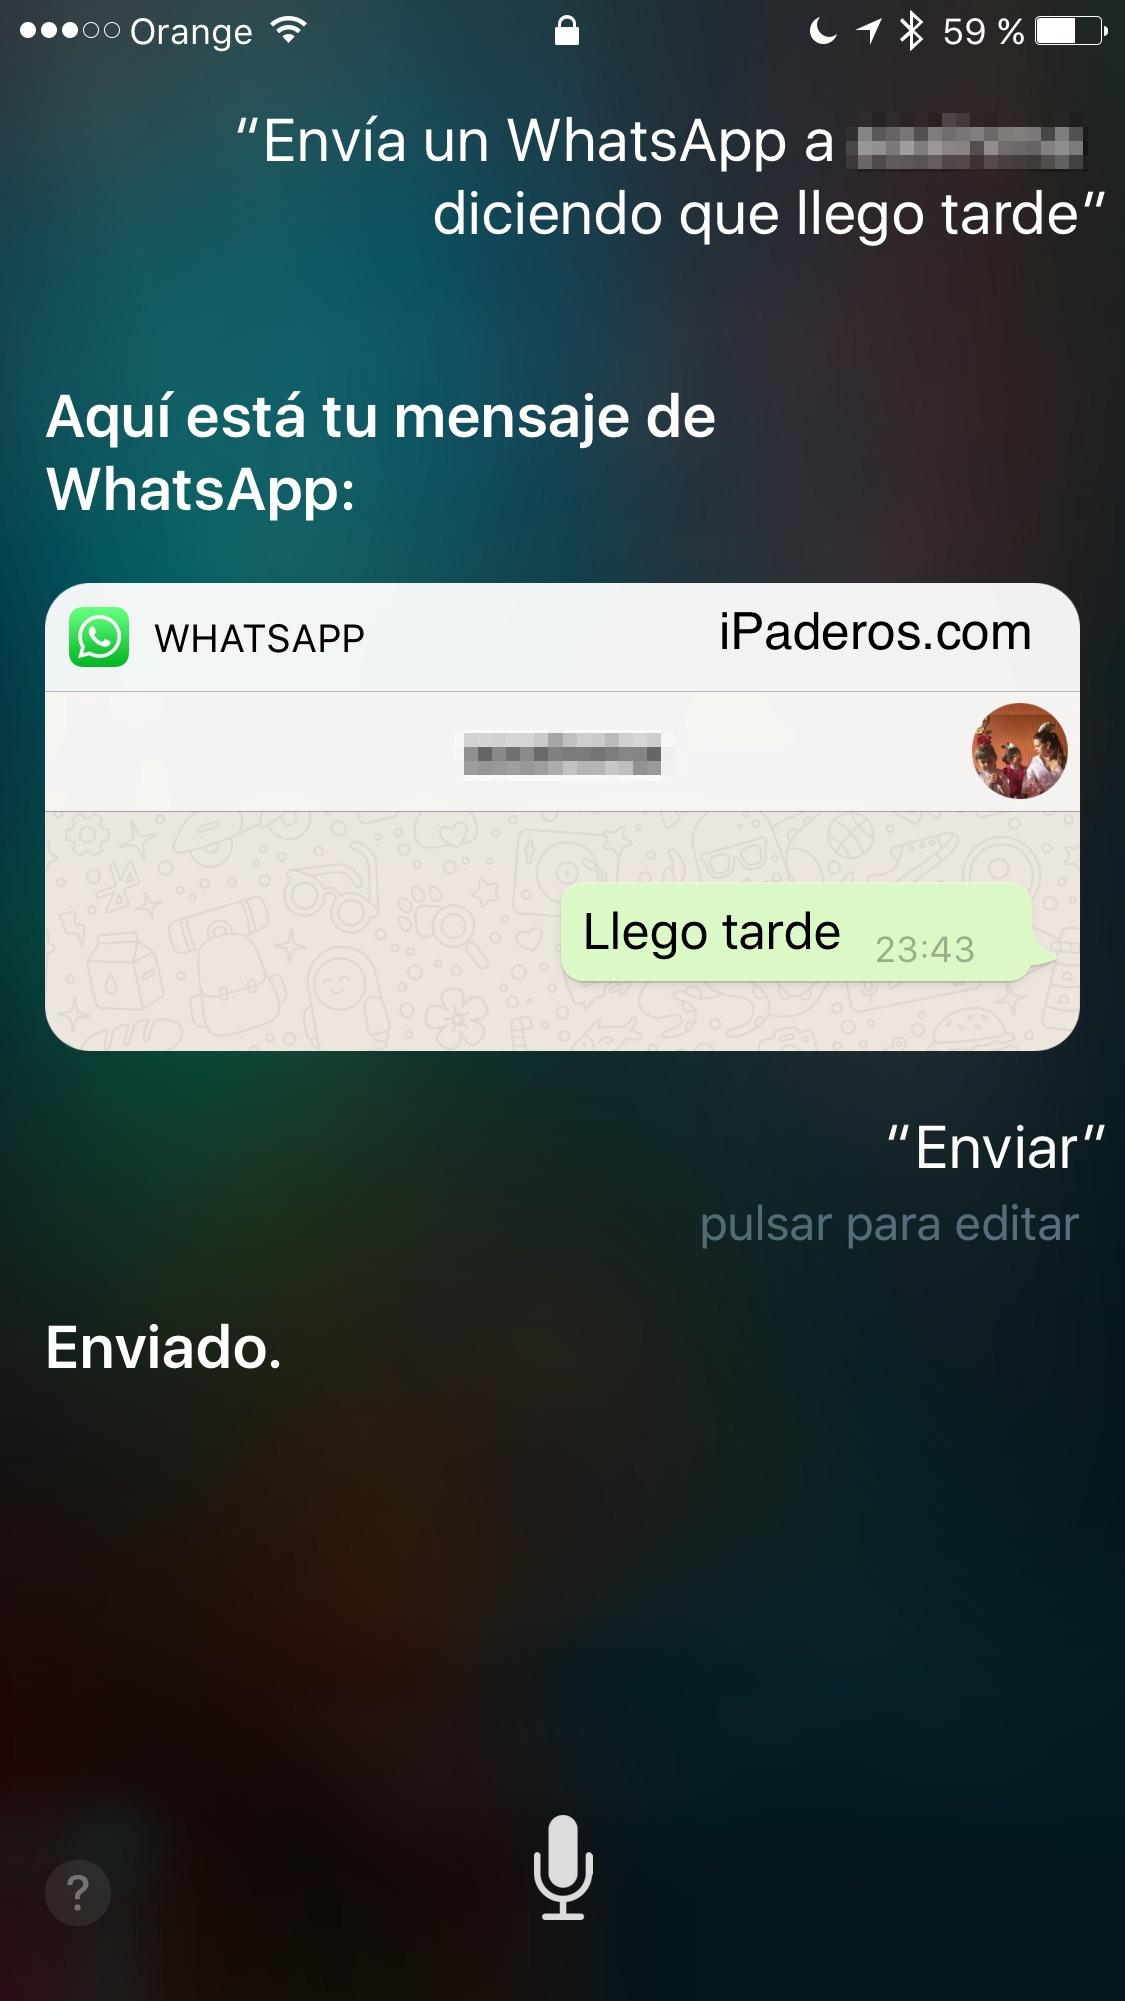 whatsapp-siri-enviar